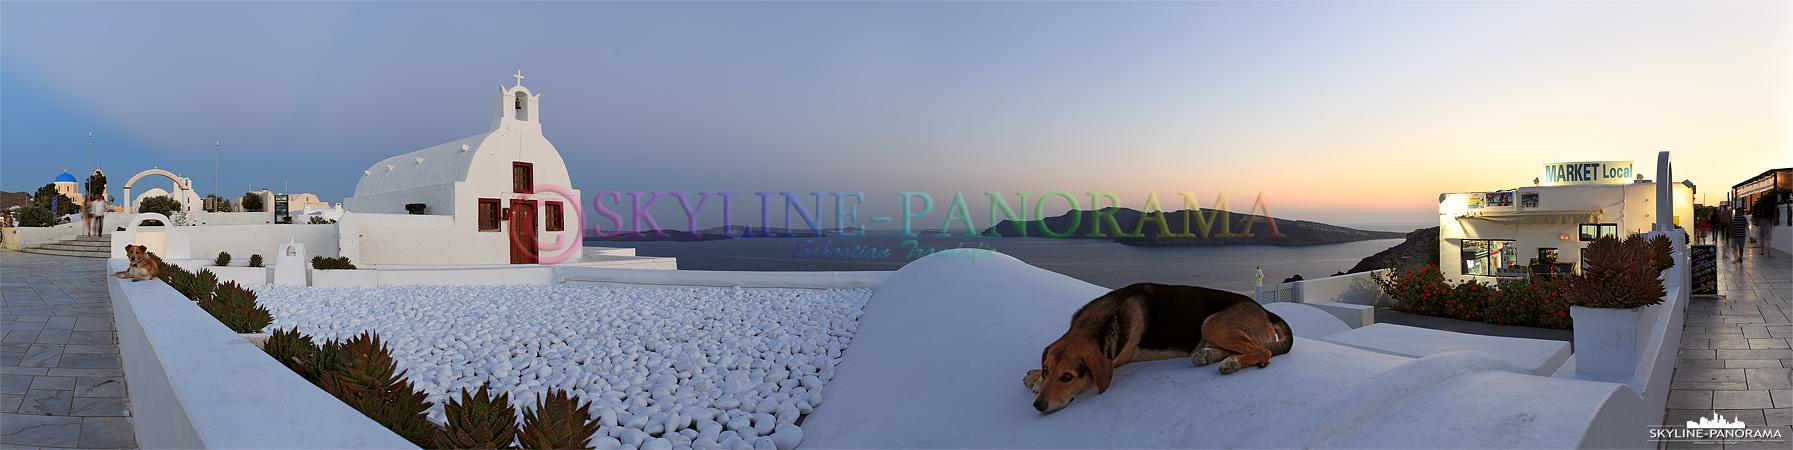 Sonnenuntergang Santorini - Ein typischer Anblick zur Dämmerung, ein paar freilaufende Hunde trifft man in Oia oft an, hier gesehen auf dem Kraterrandweg.